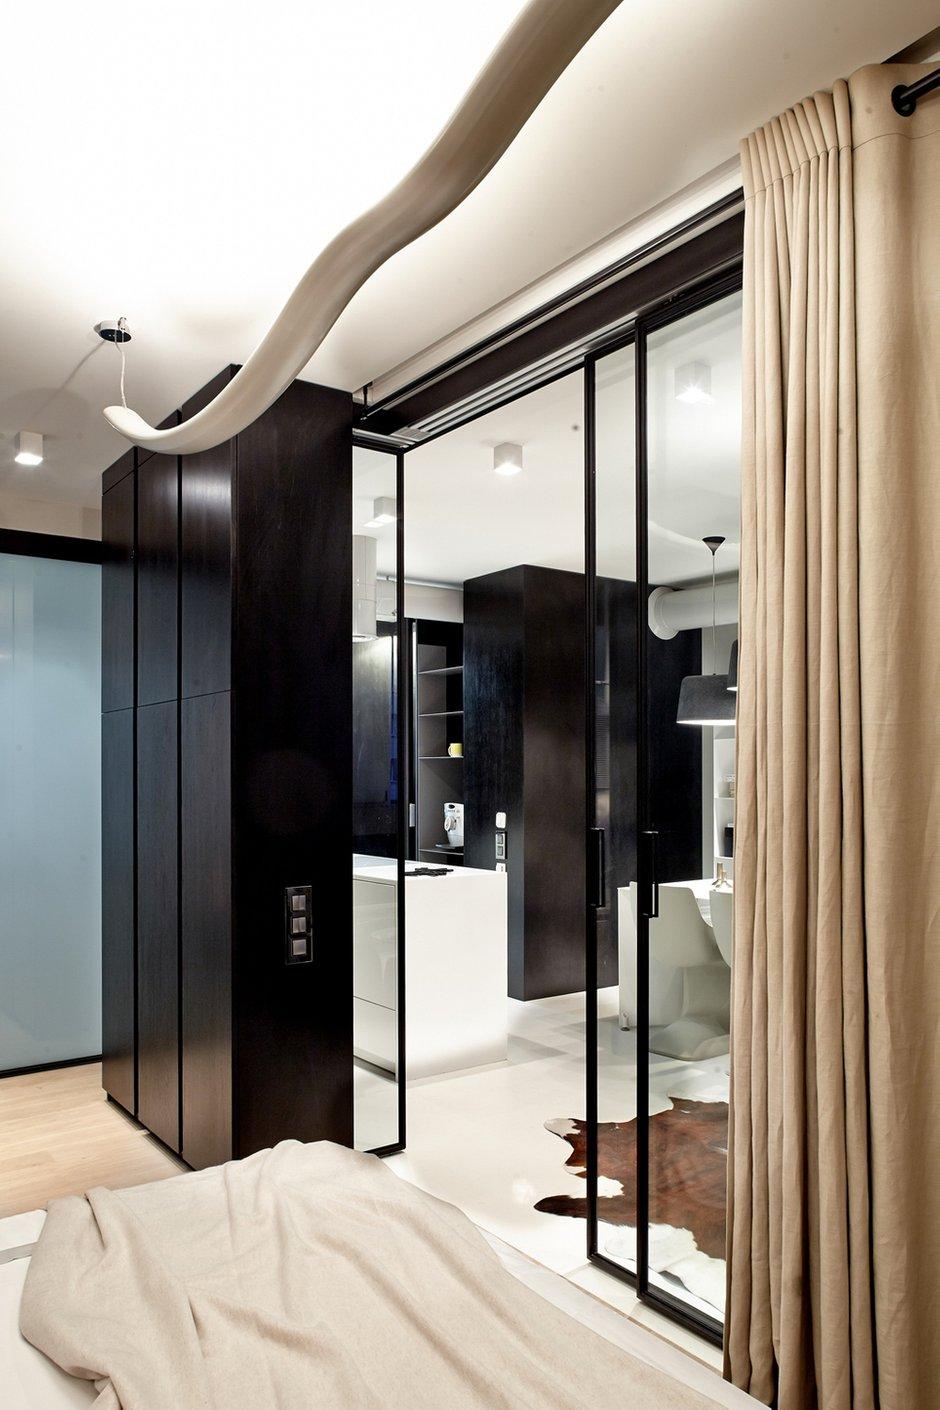 Фотография: Спальня в стиле Современный, Малогабаритная квартира, Квартира, Украина, Дома и квартиры, Киев – фото на INMYROOM